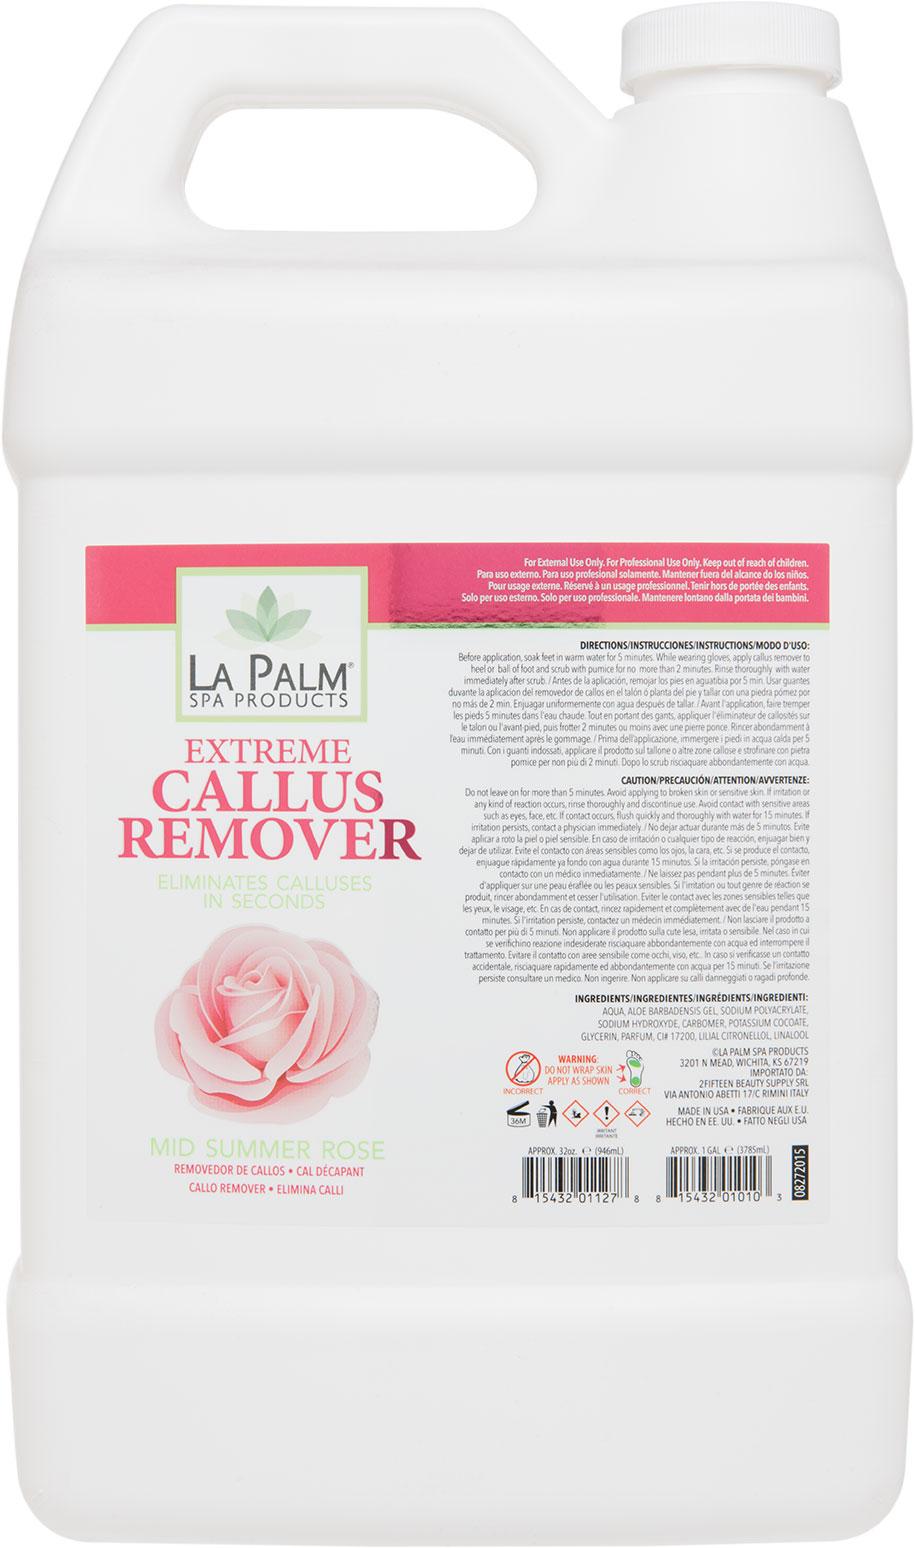 Callus Remove